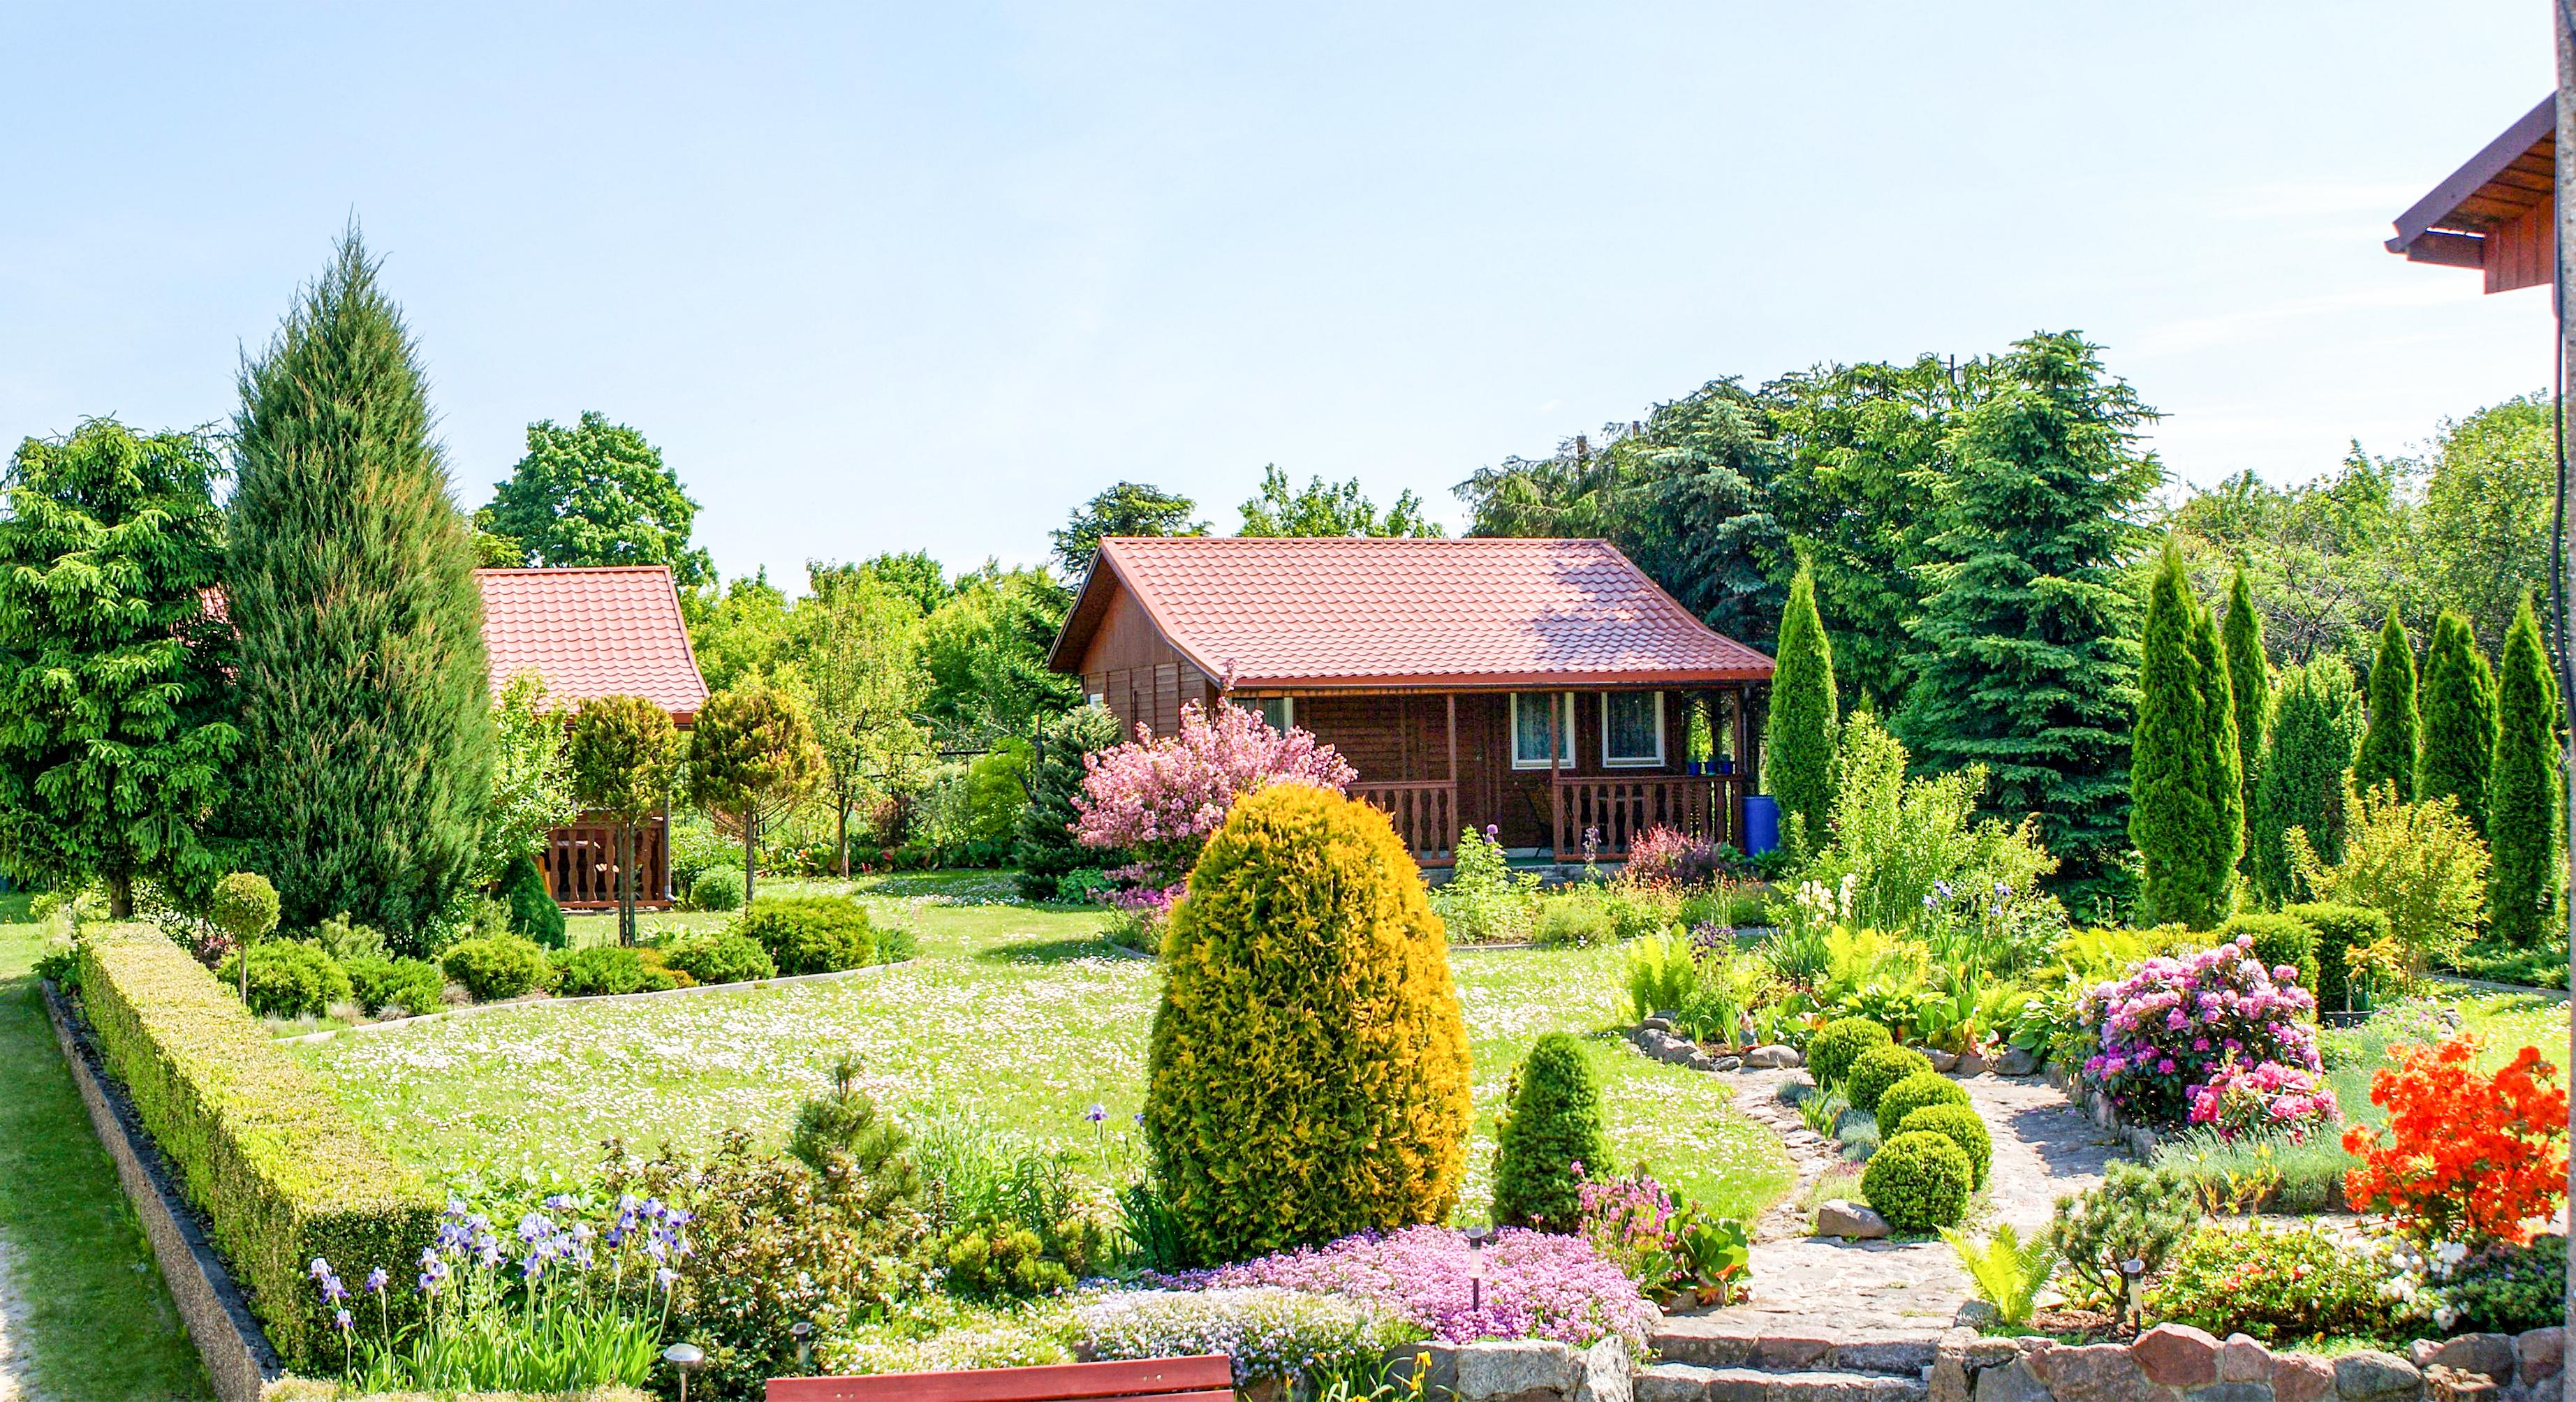 Noclegi w Mikołajkach, ogród